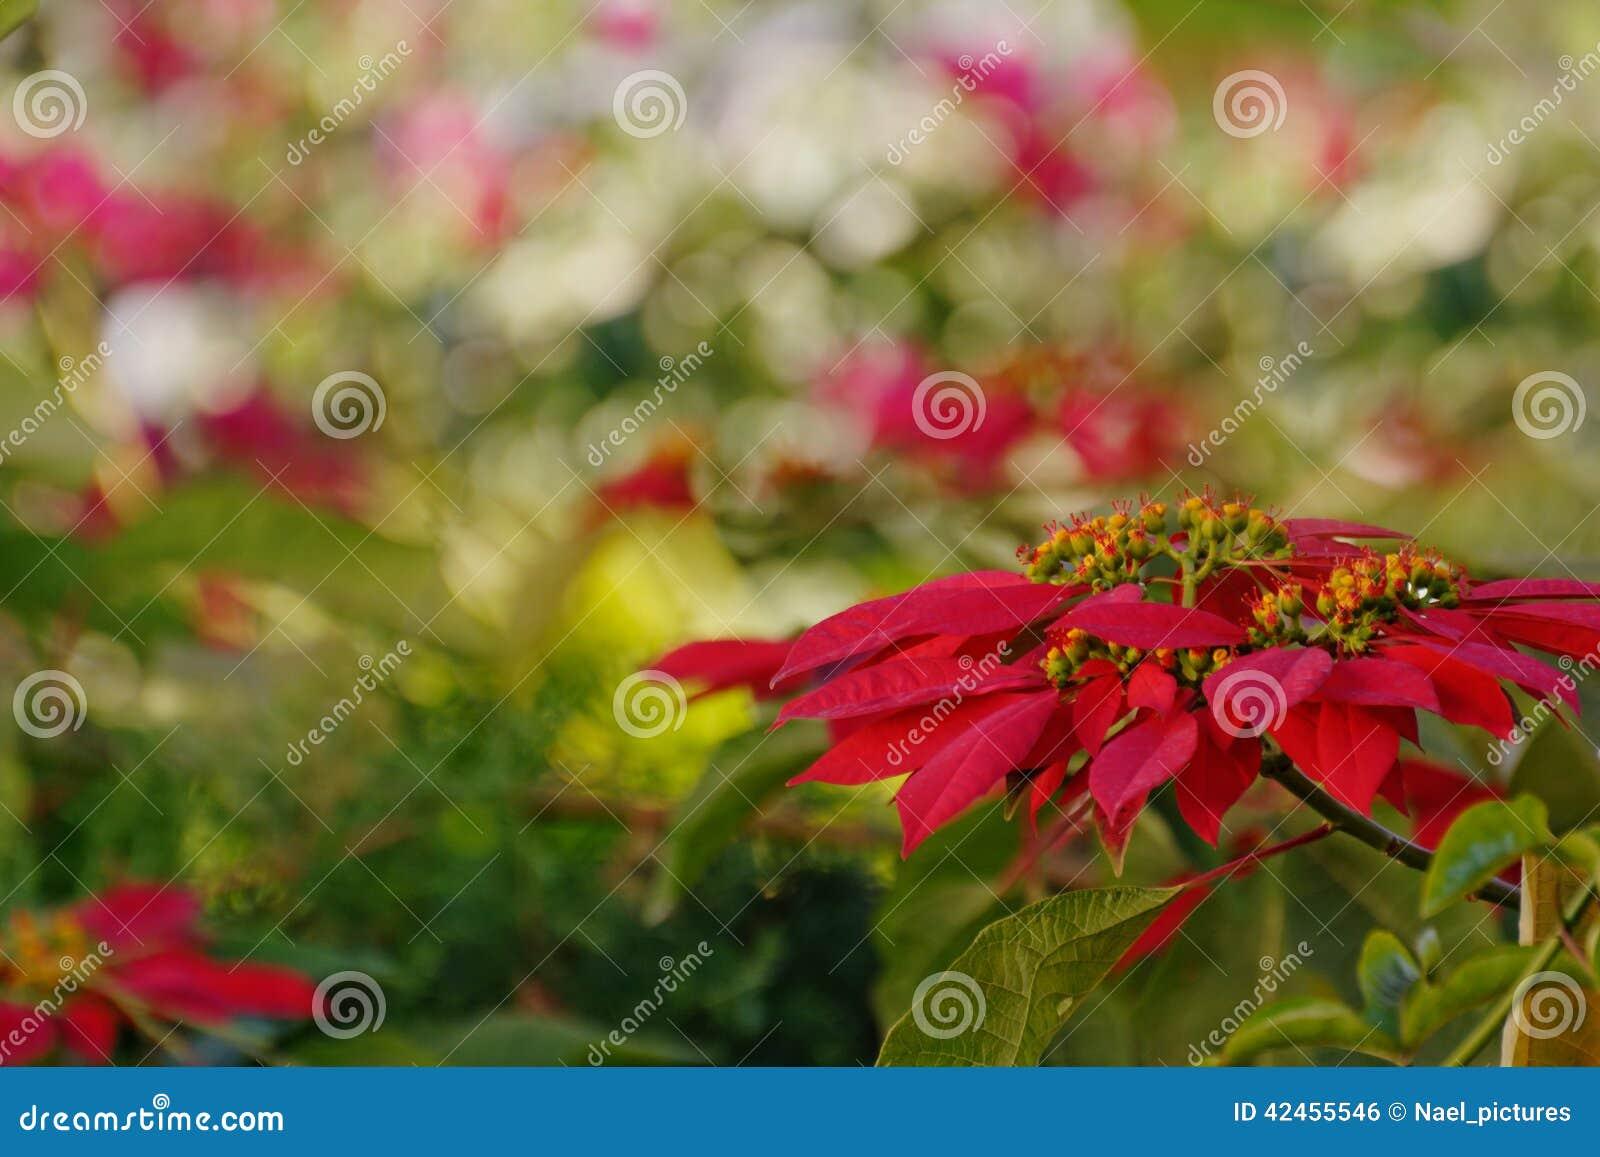 Poinsettiablume